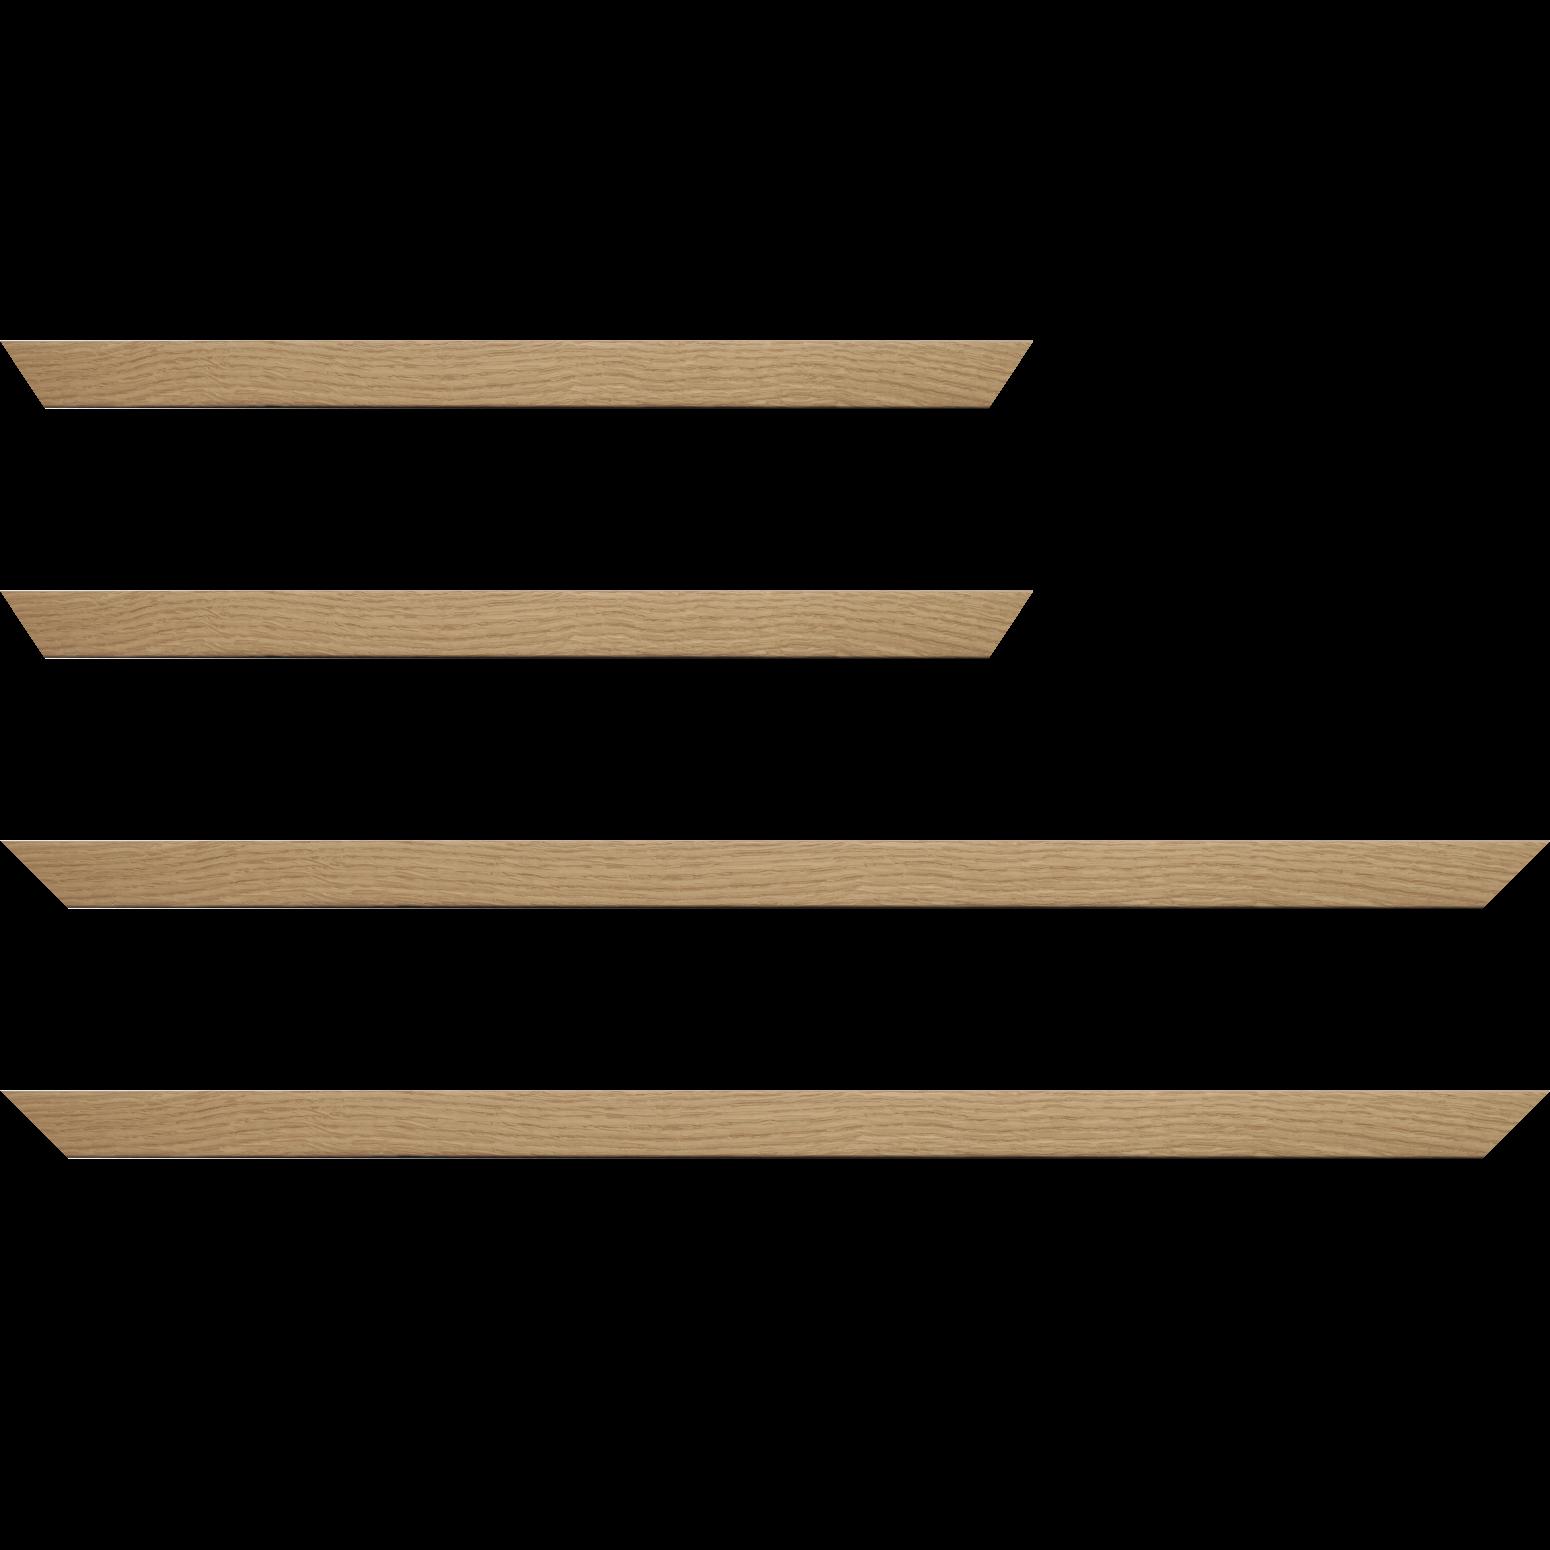 Baguette service précoupé Bois profil plat largeur 2.5cm plaquage haut de gamme chêne naturel